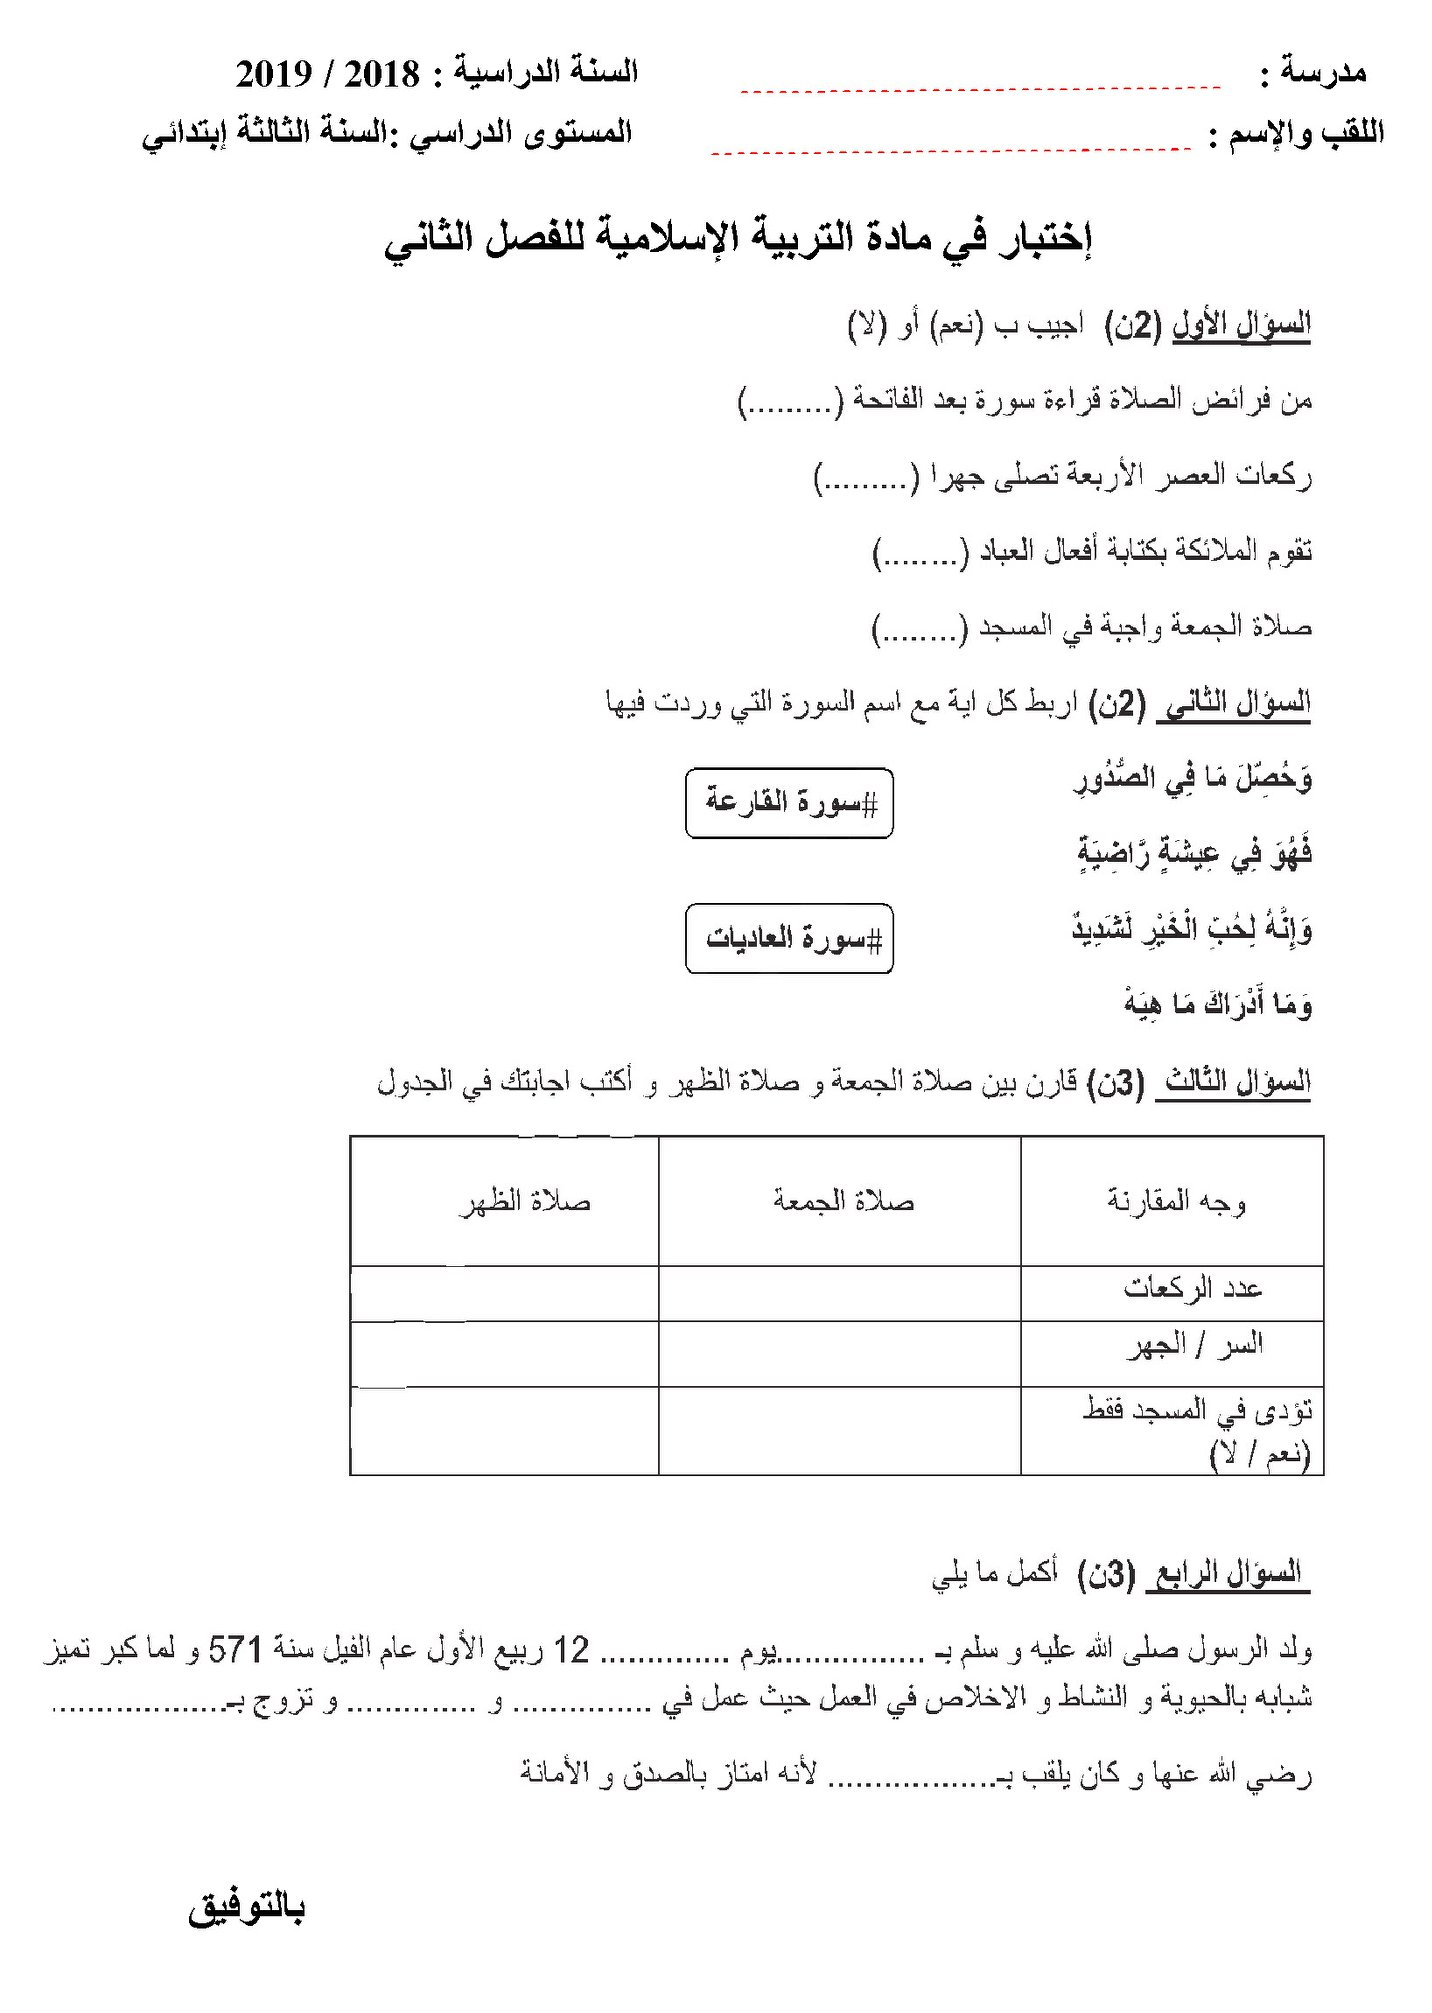 اختبار الفصل الثاني في التربية الاسلامية | السنة الثالثة ابتدائي | الموضوع 02